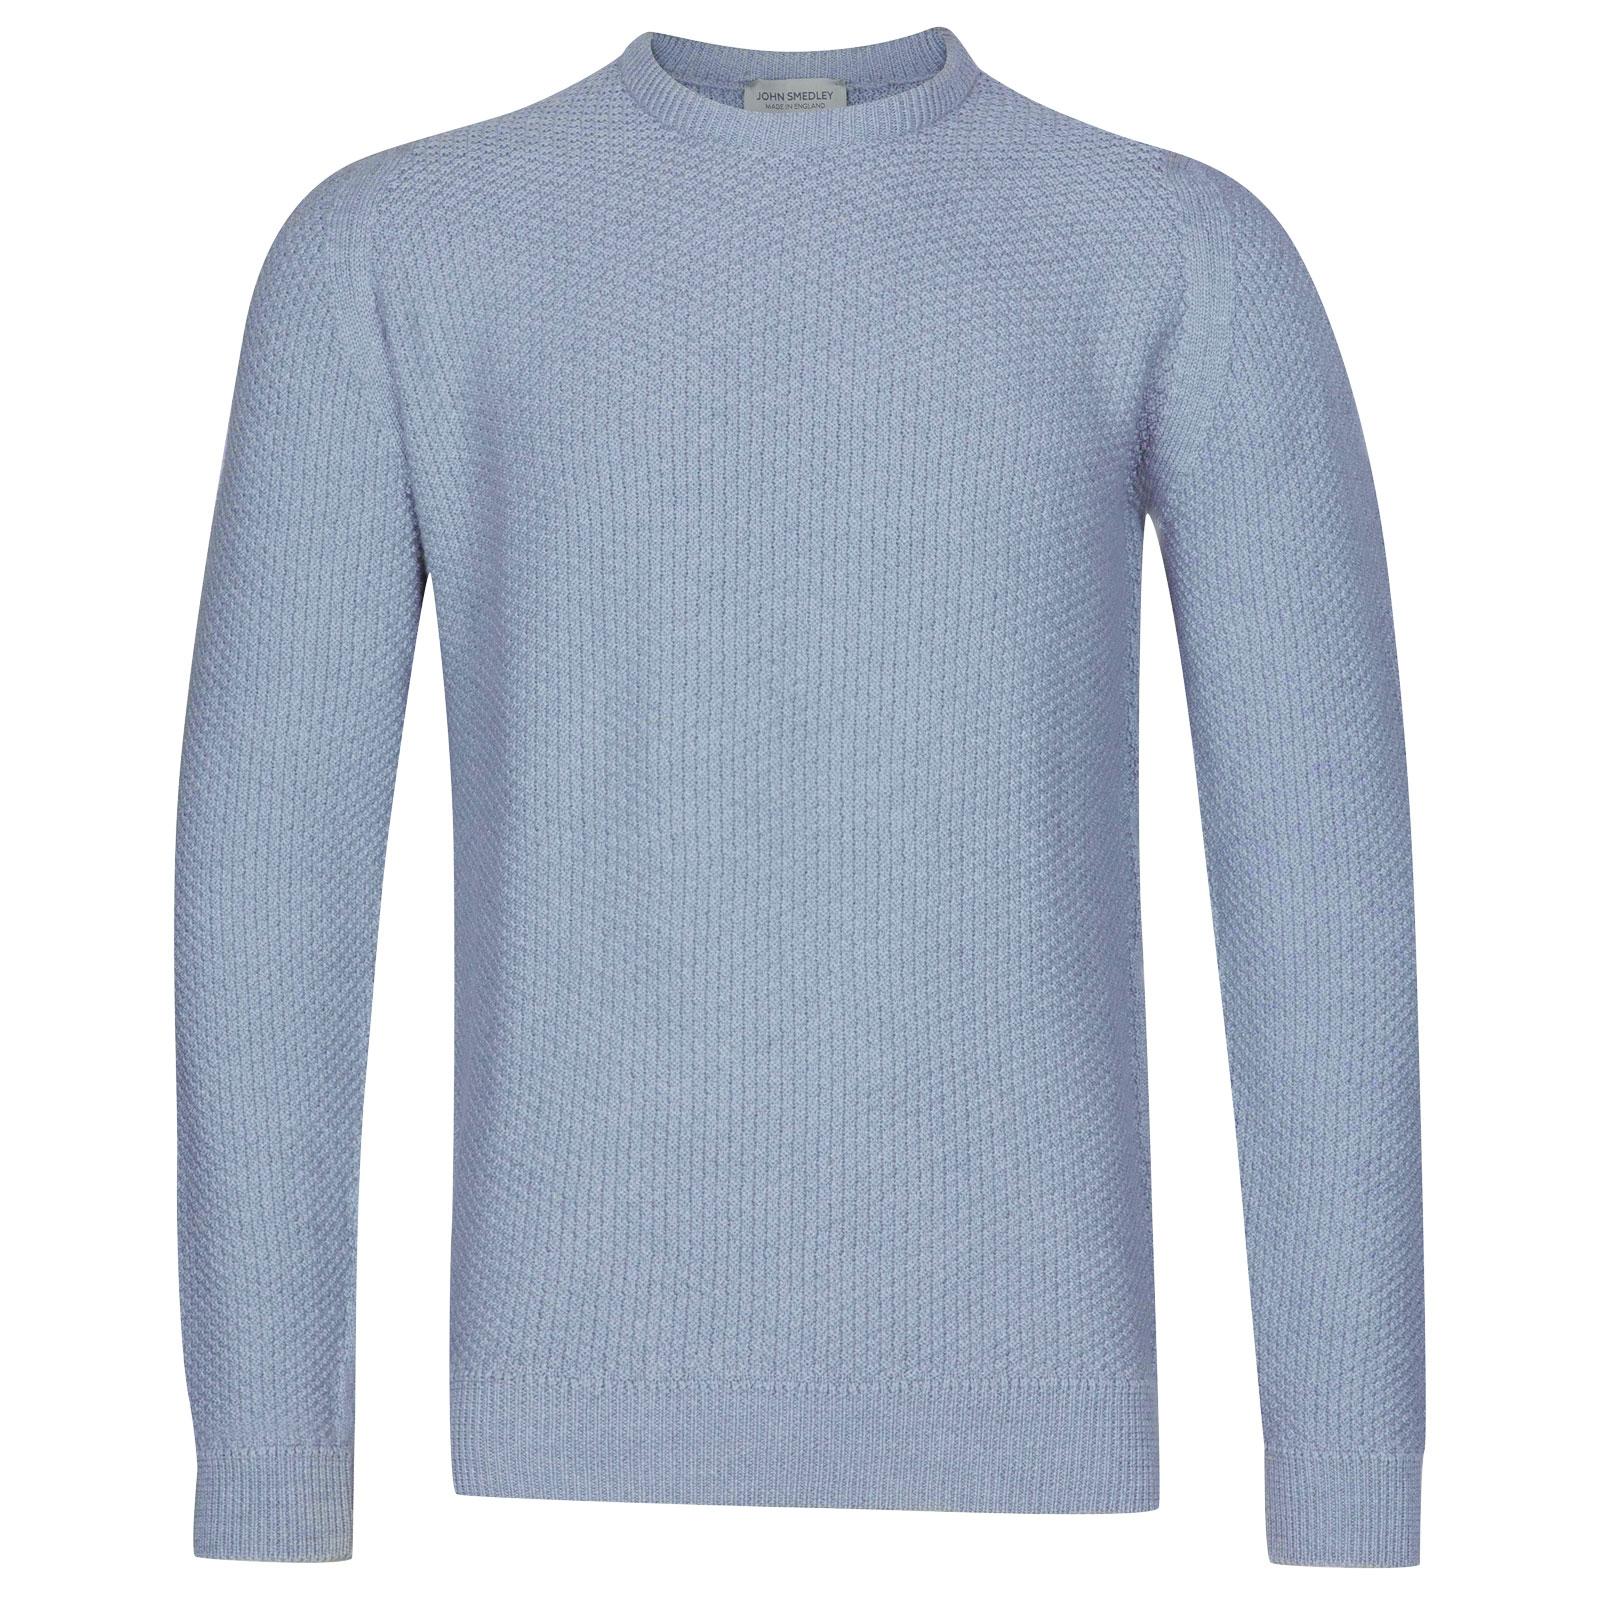 John Smedley 8Singular in Sky Blue Pullover-MED